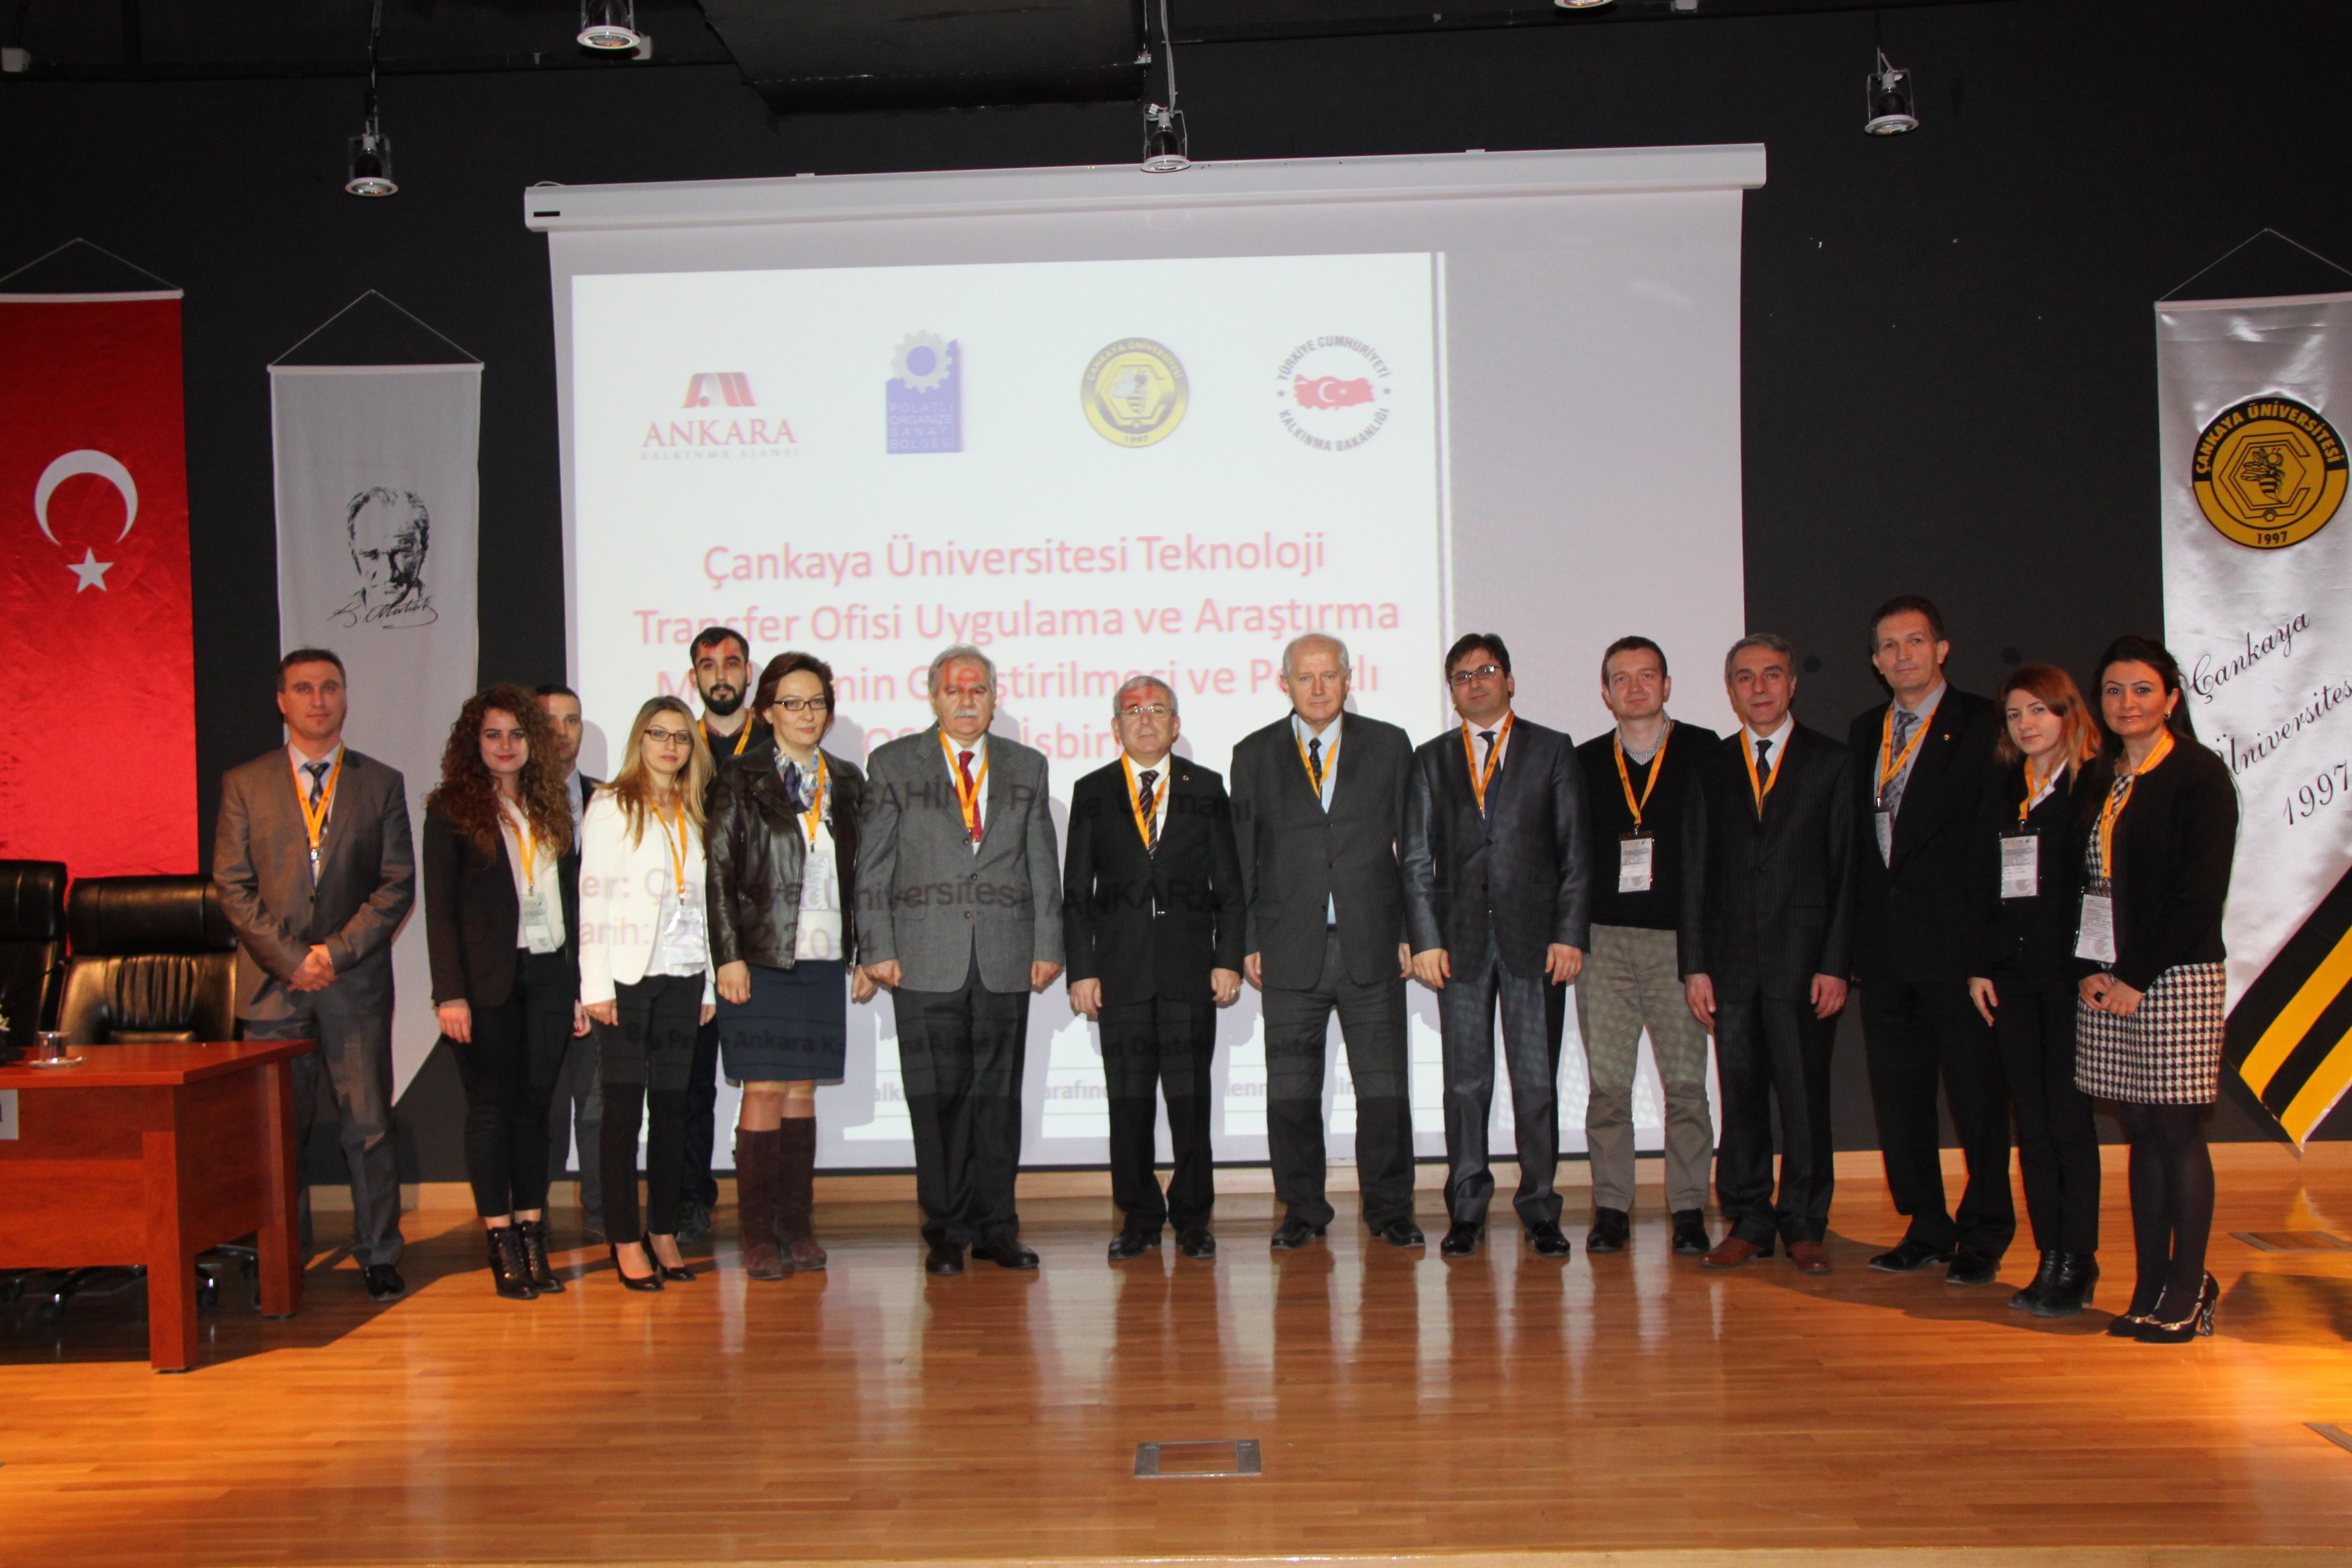 Çankaya Üniversitesi Teknoloji Transfer Ofisi Uygulama ve Araştırma Merkezi'nin Geliştirilmesi ve Polatlı OSB ile İşbirliği Projesi Kapanış Günü Etkinliği gerçekleştirildi !